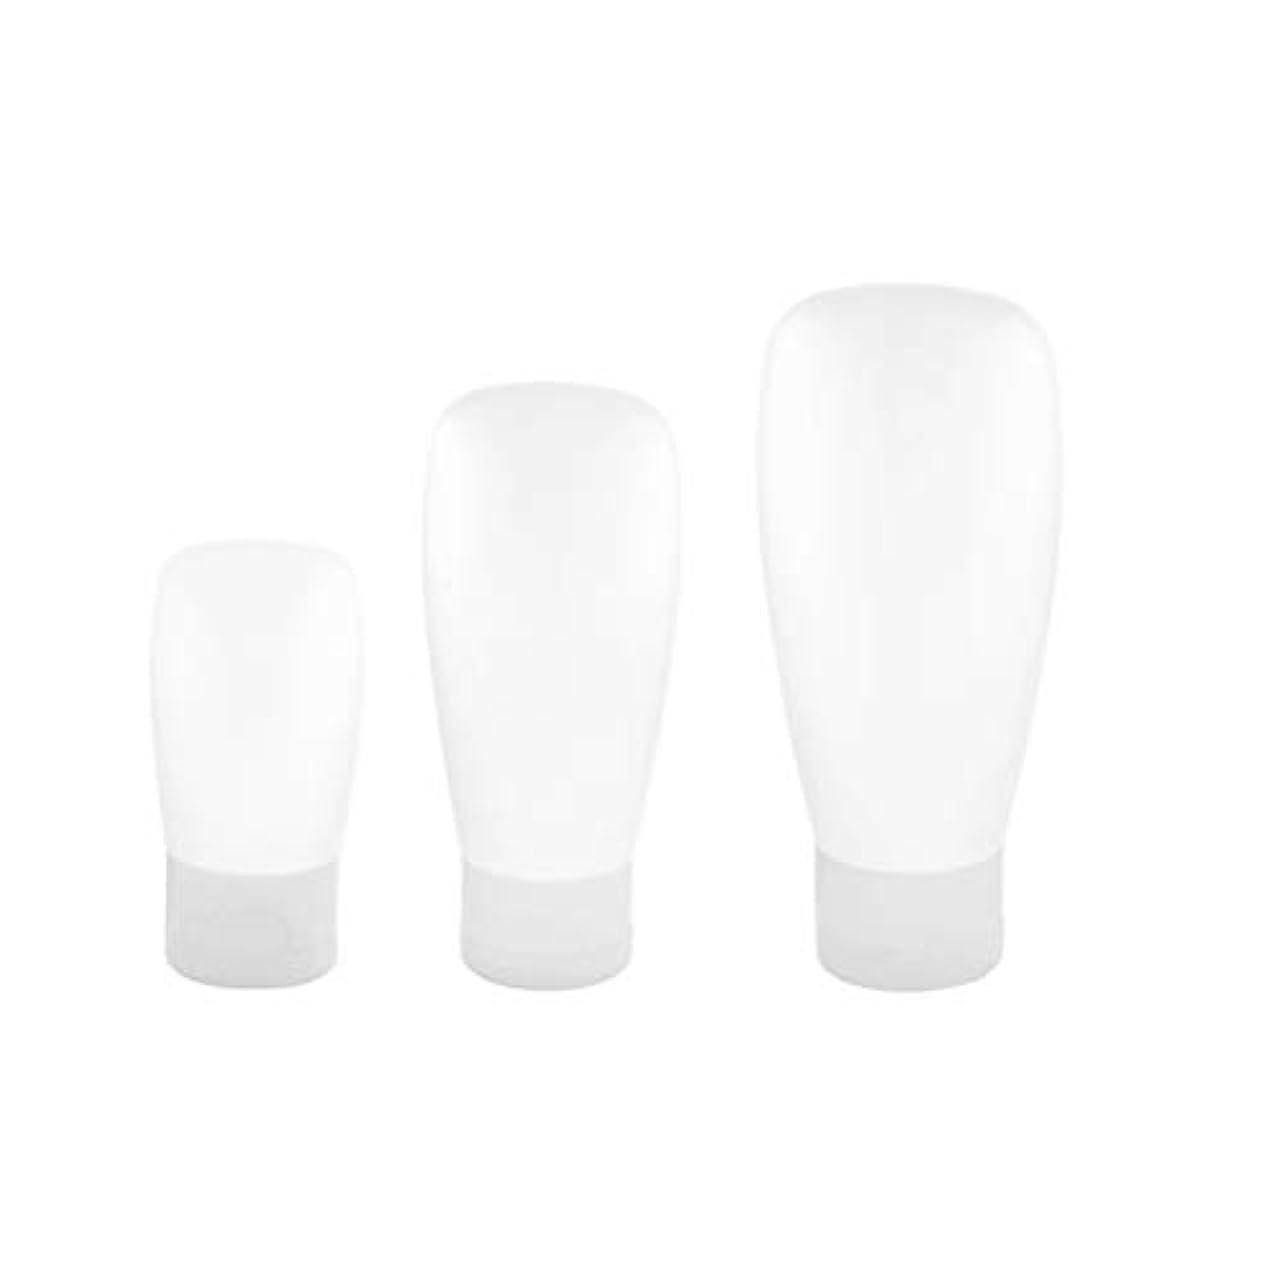 本質的ではない定期的ウガンダTOPBATHY 3本旅行ボトルプラスチック詰め替え式トラベルコンテナスクイーズトラベルチューブセット用シャンプーローションソープ30ML 60ML 100ML(ホワイト)